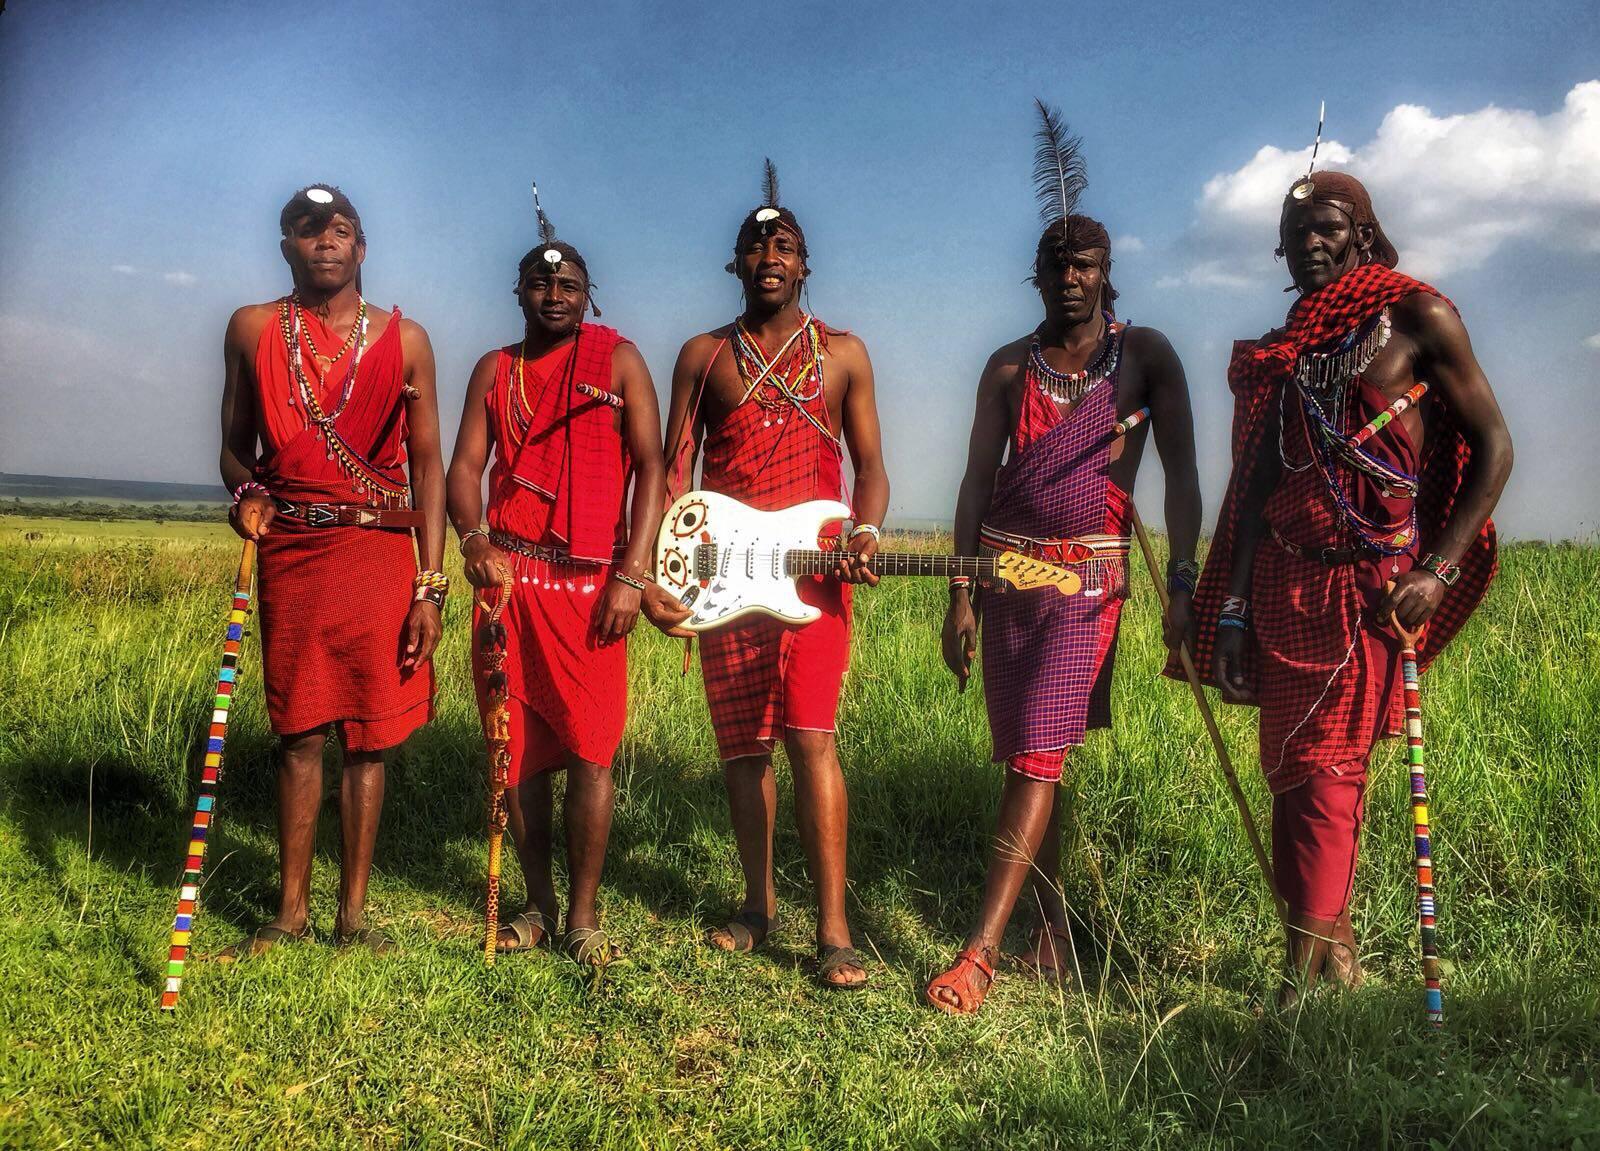 Wohnout si zaletěli pro nový klip do Keni, podpoří místní nemocnici